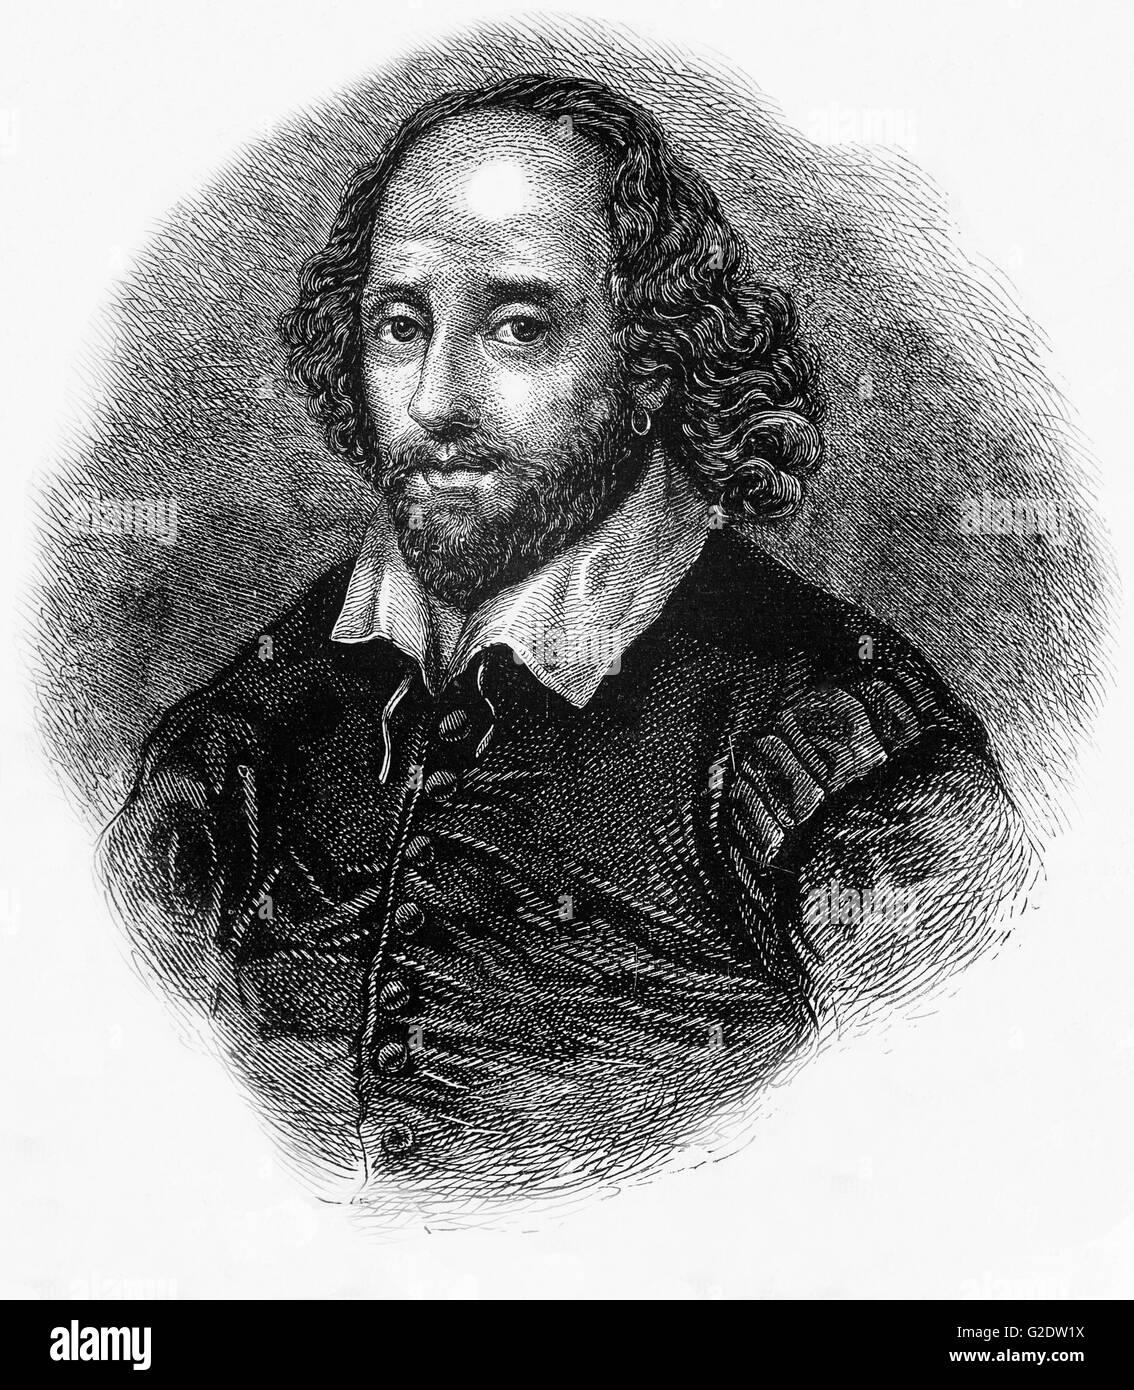 """William Shakespeare (1564 - 1616), poeta inglés, dramaturgo y actor, ampliamente considerado como el más grande escritor en lengua inglesa y el mundo de la pre-eminente dramaturgo; a menudo llamado el poeta nacional de Inglaterra, y el """"bardo de Avon"""" Foto de stock"""